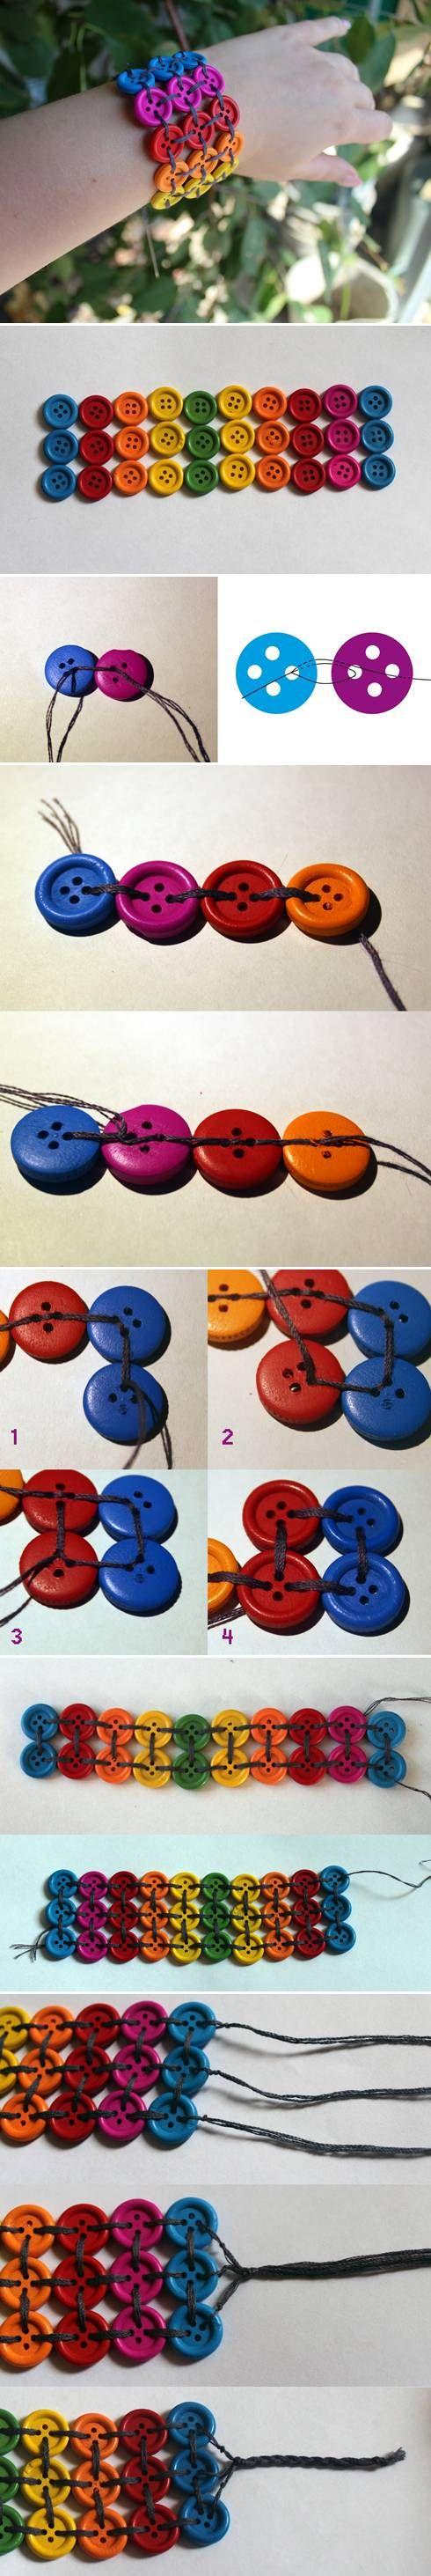 DIY Wide Buttons Bracelet Knöpfe Armband basteln